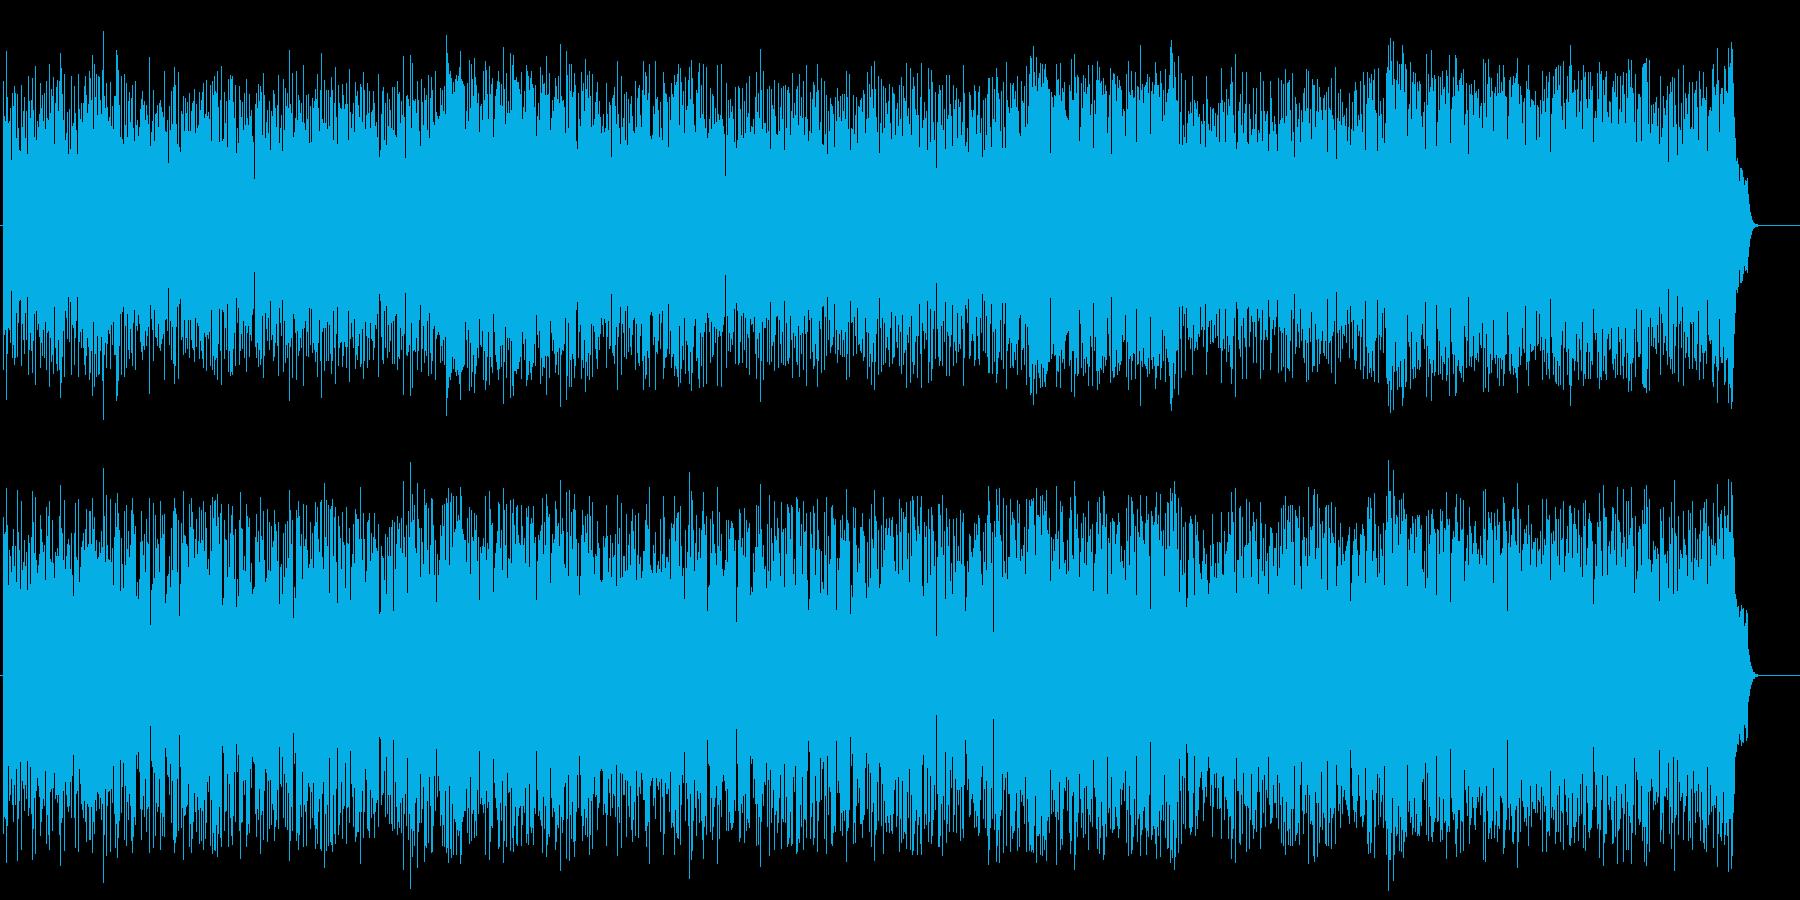 リゾート風なフュージョン(フルサイズ)の再生済みの波形